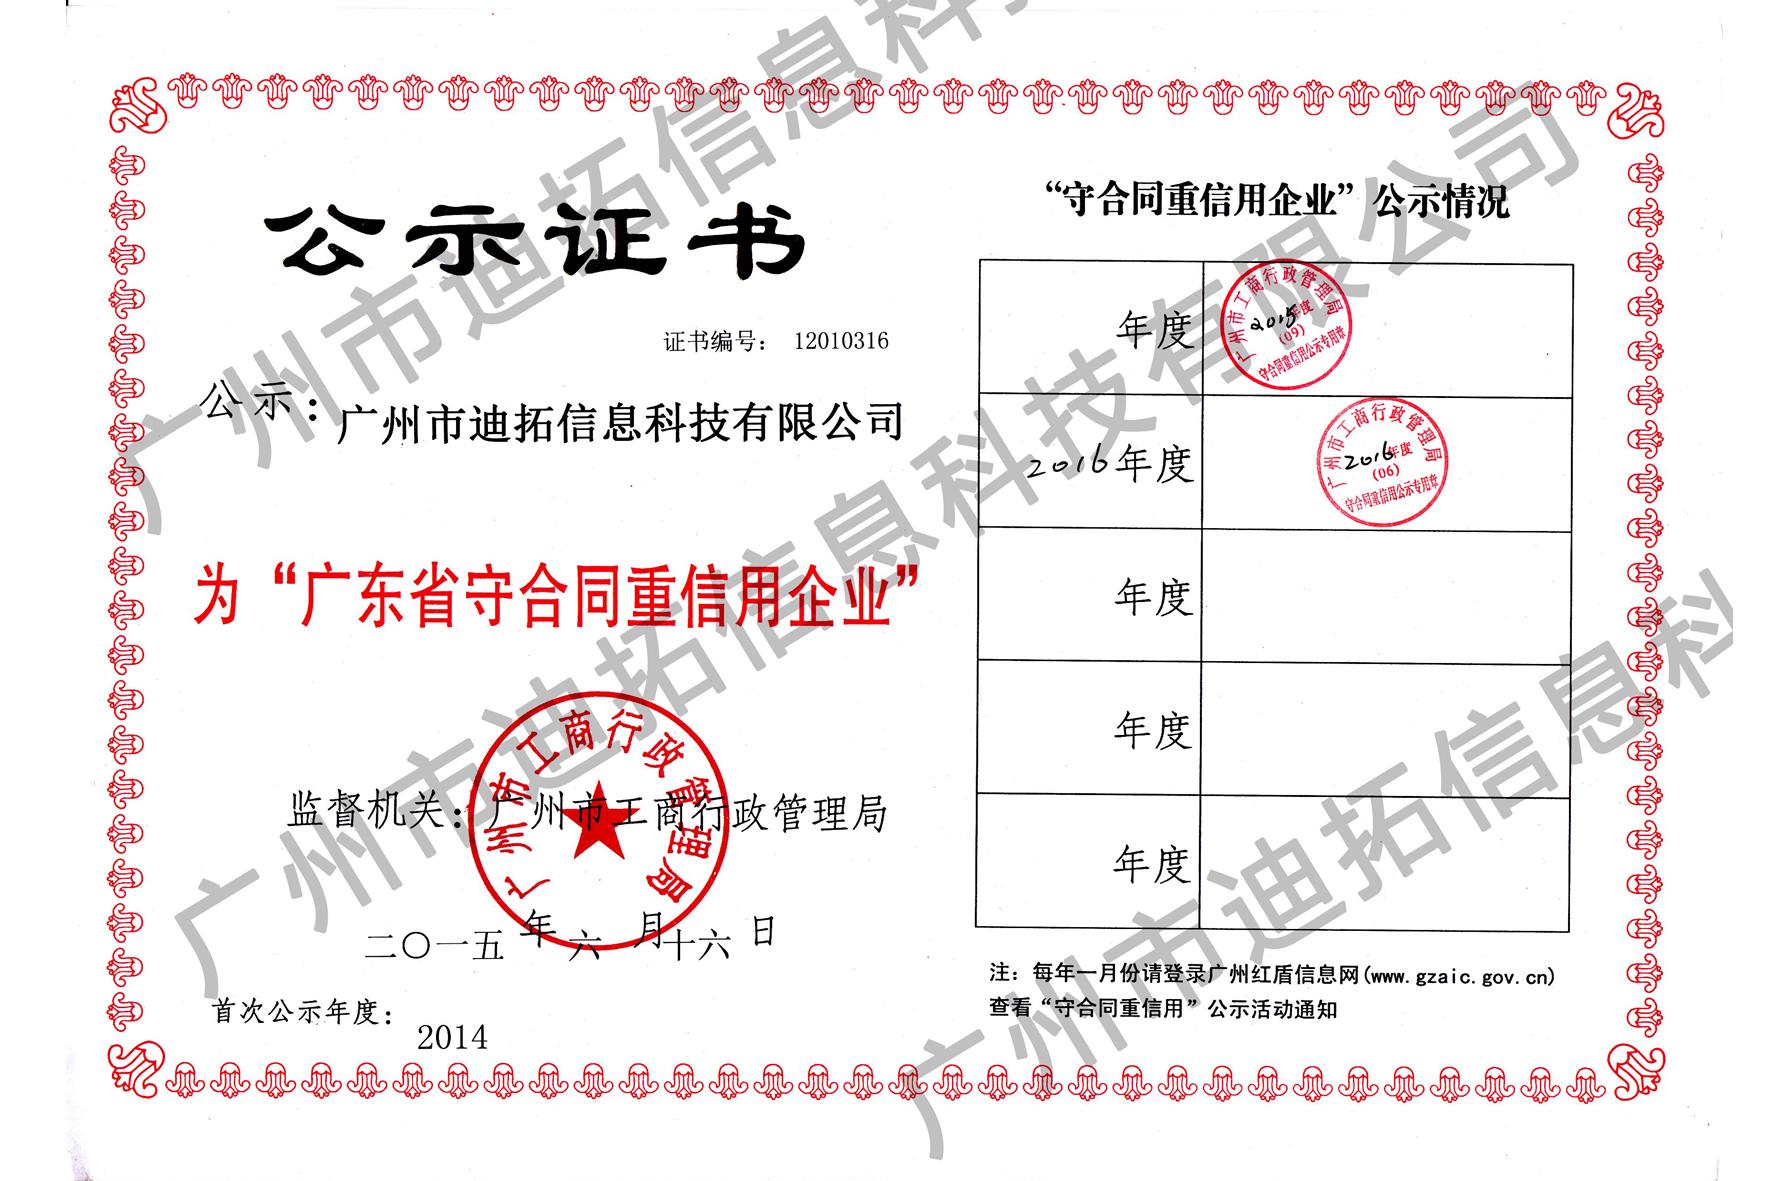 守合同重信用公示证书(2015年度章)